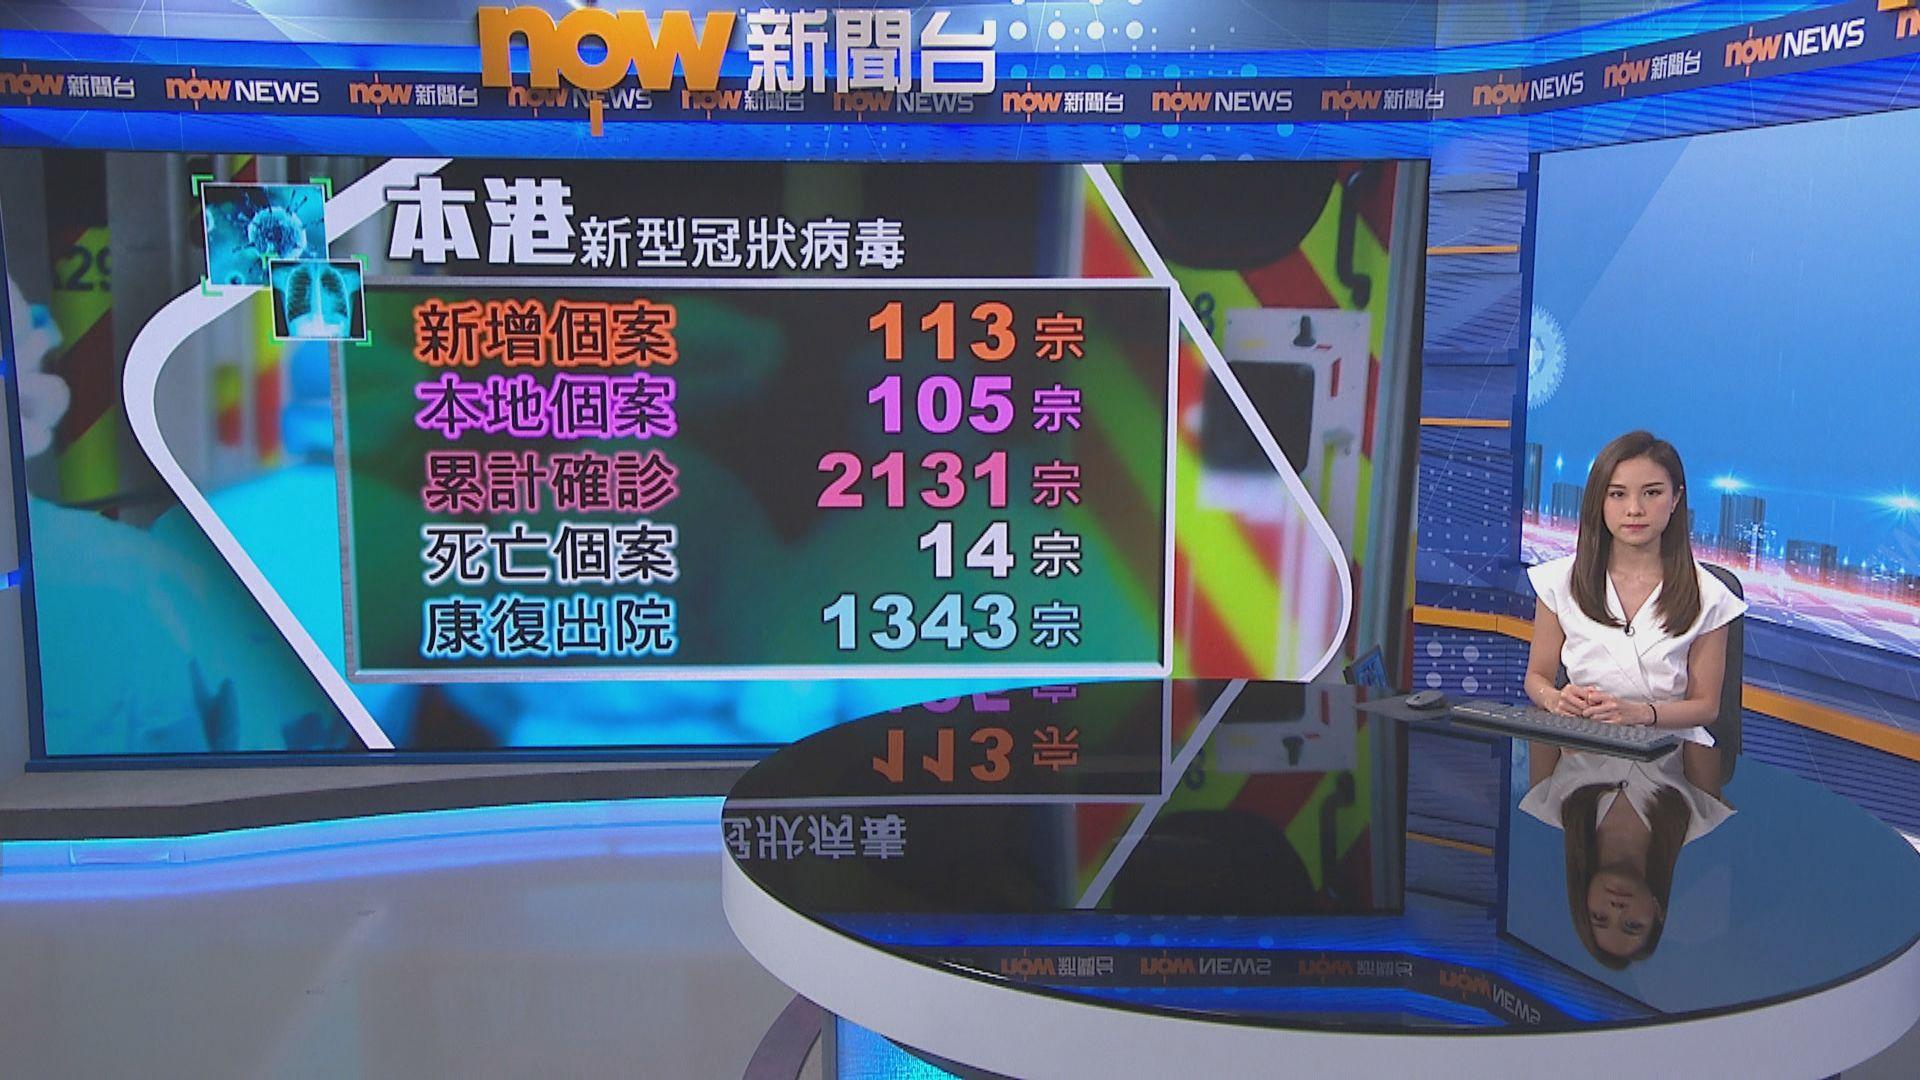 【累計2131宗】本港新增113宗確診 105宗屬本地感染